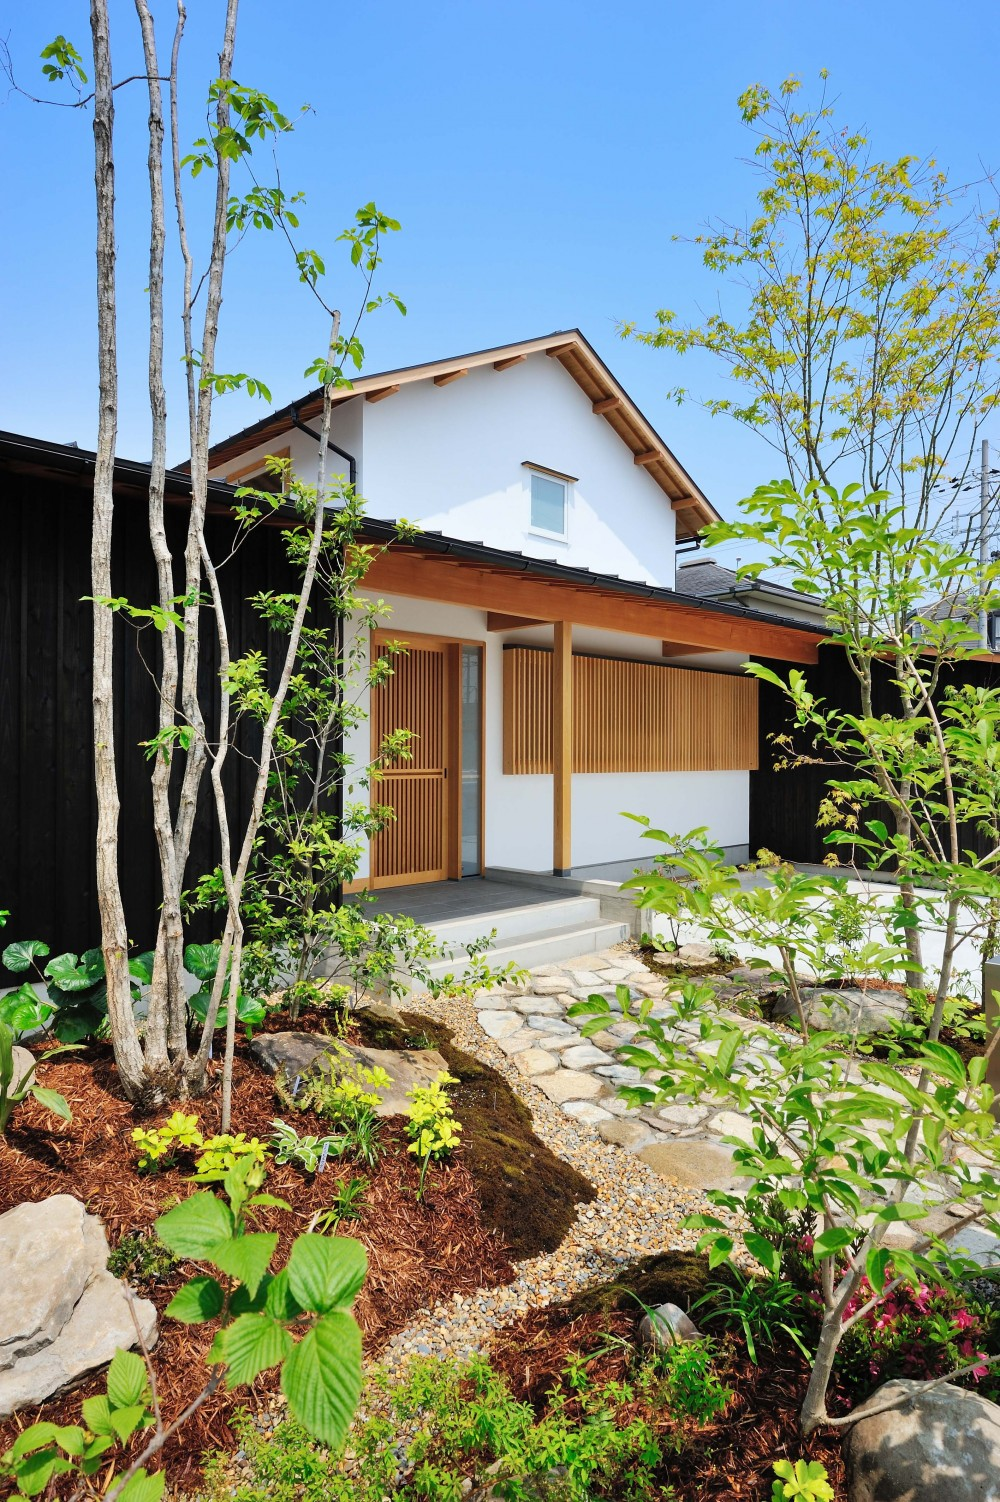 ウッドデッキで繋がる空間|趣味を楽しむ住まい 姫路の家 (和の趣を感じさせる外観)